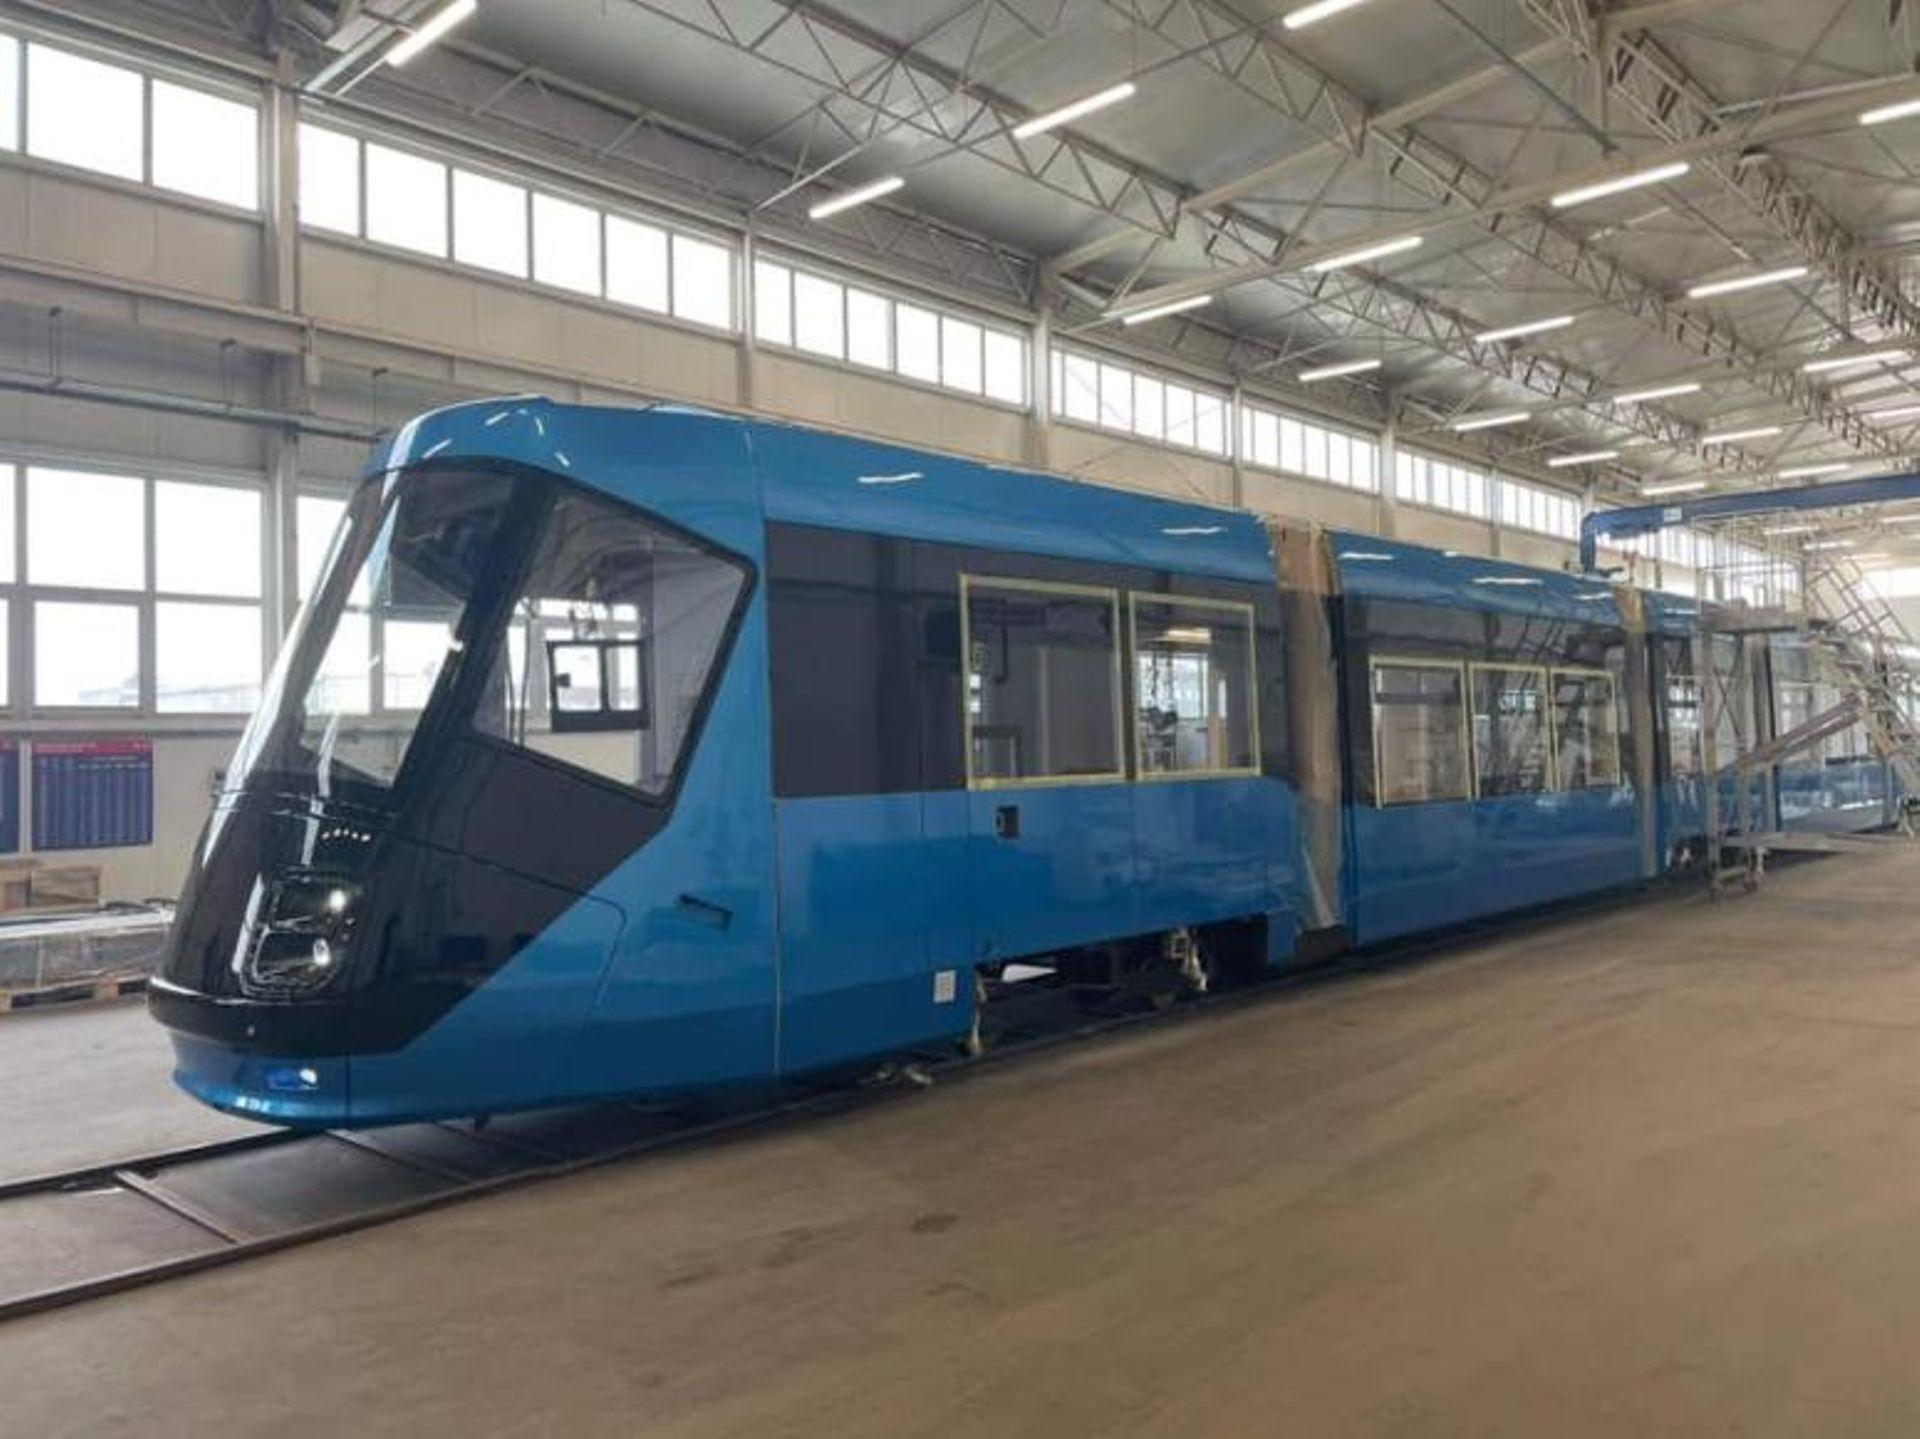 Wrocław: Trwa modernizacja pierwszego tramwaju Skoda 16T